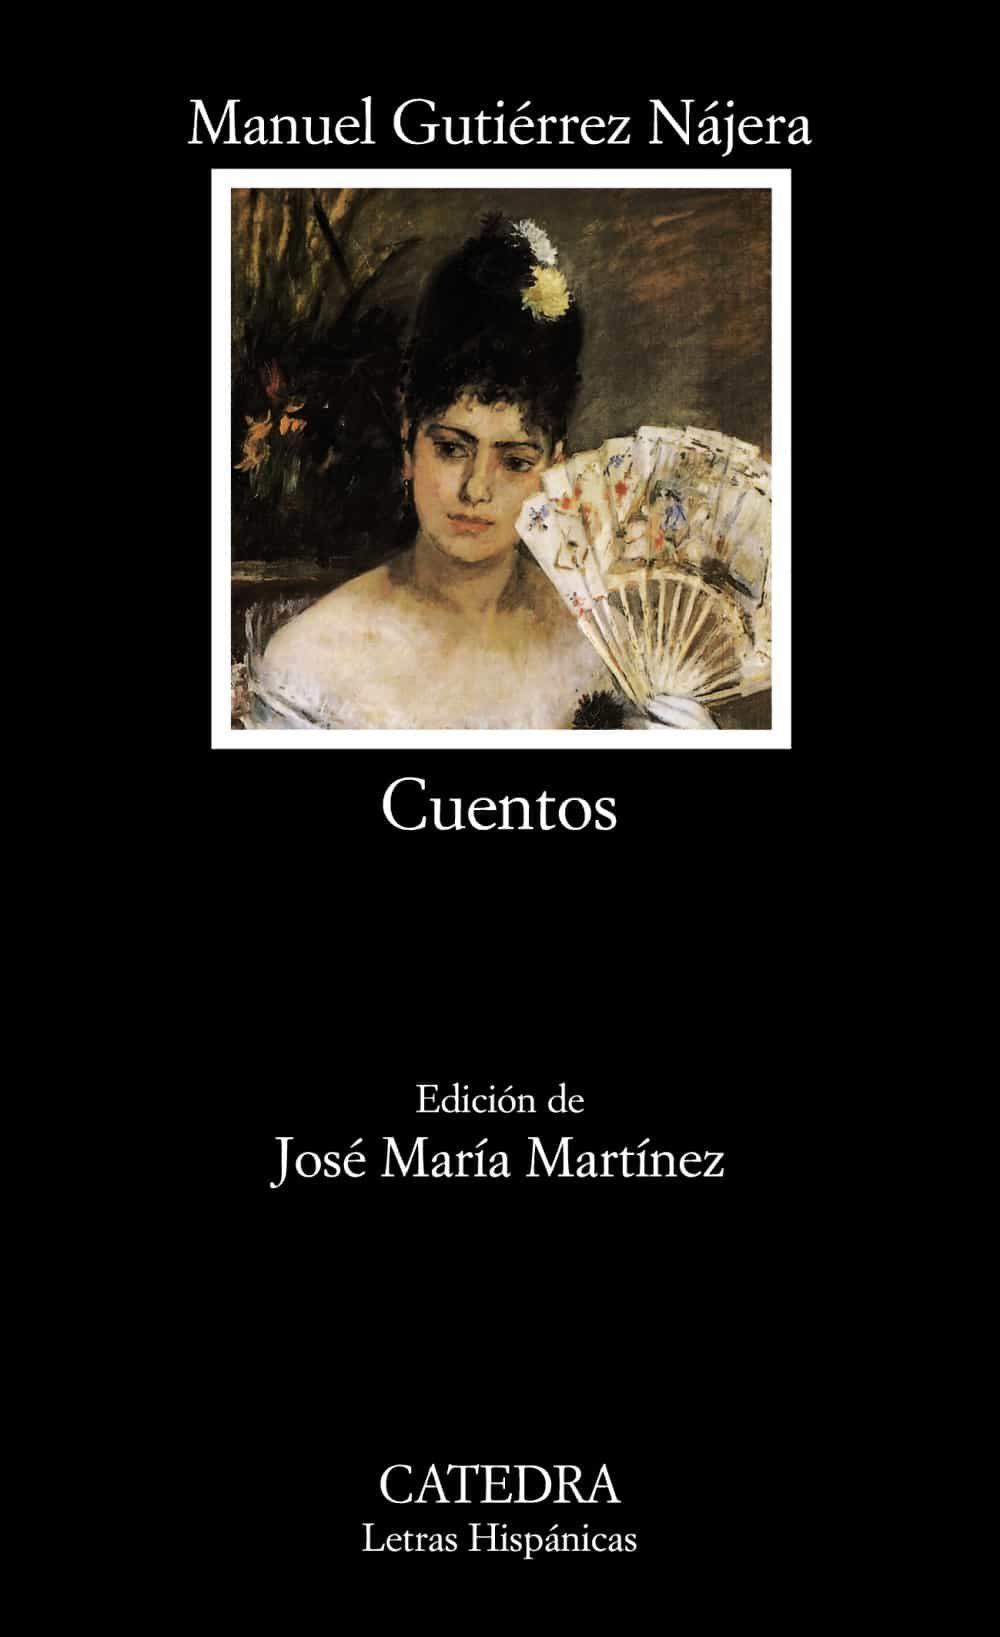 Cuentos por Manuel Gutierrez Najera epub